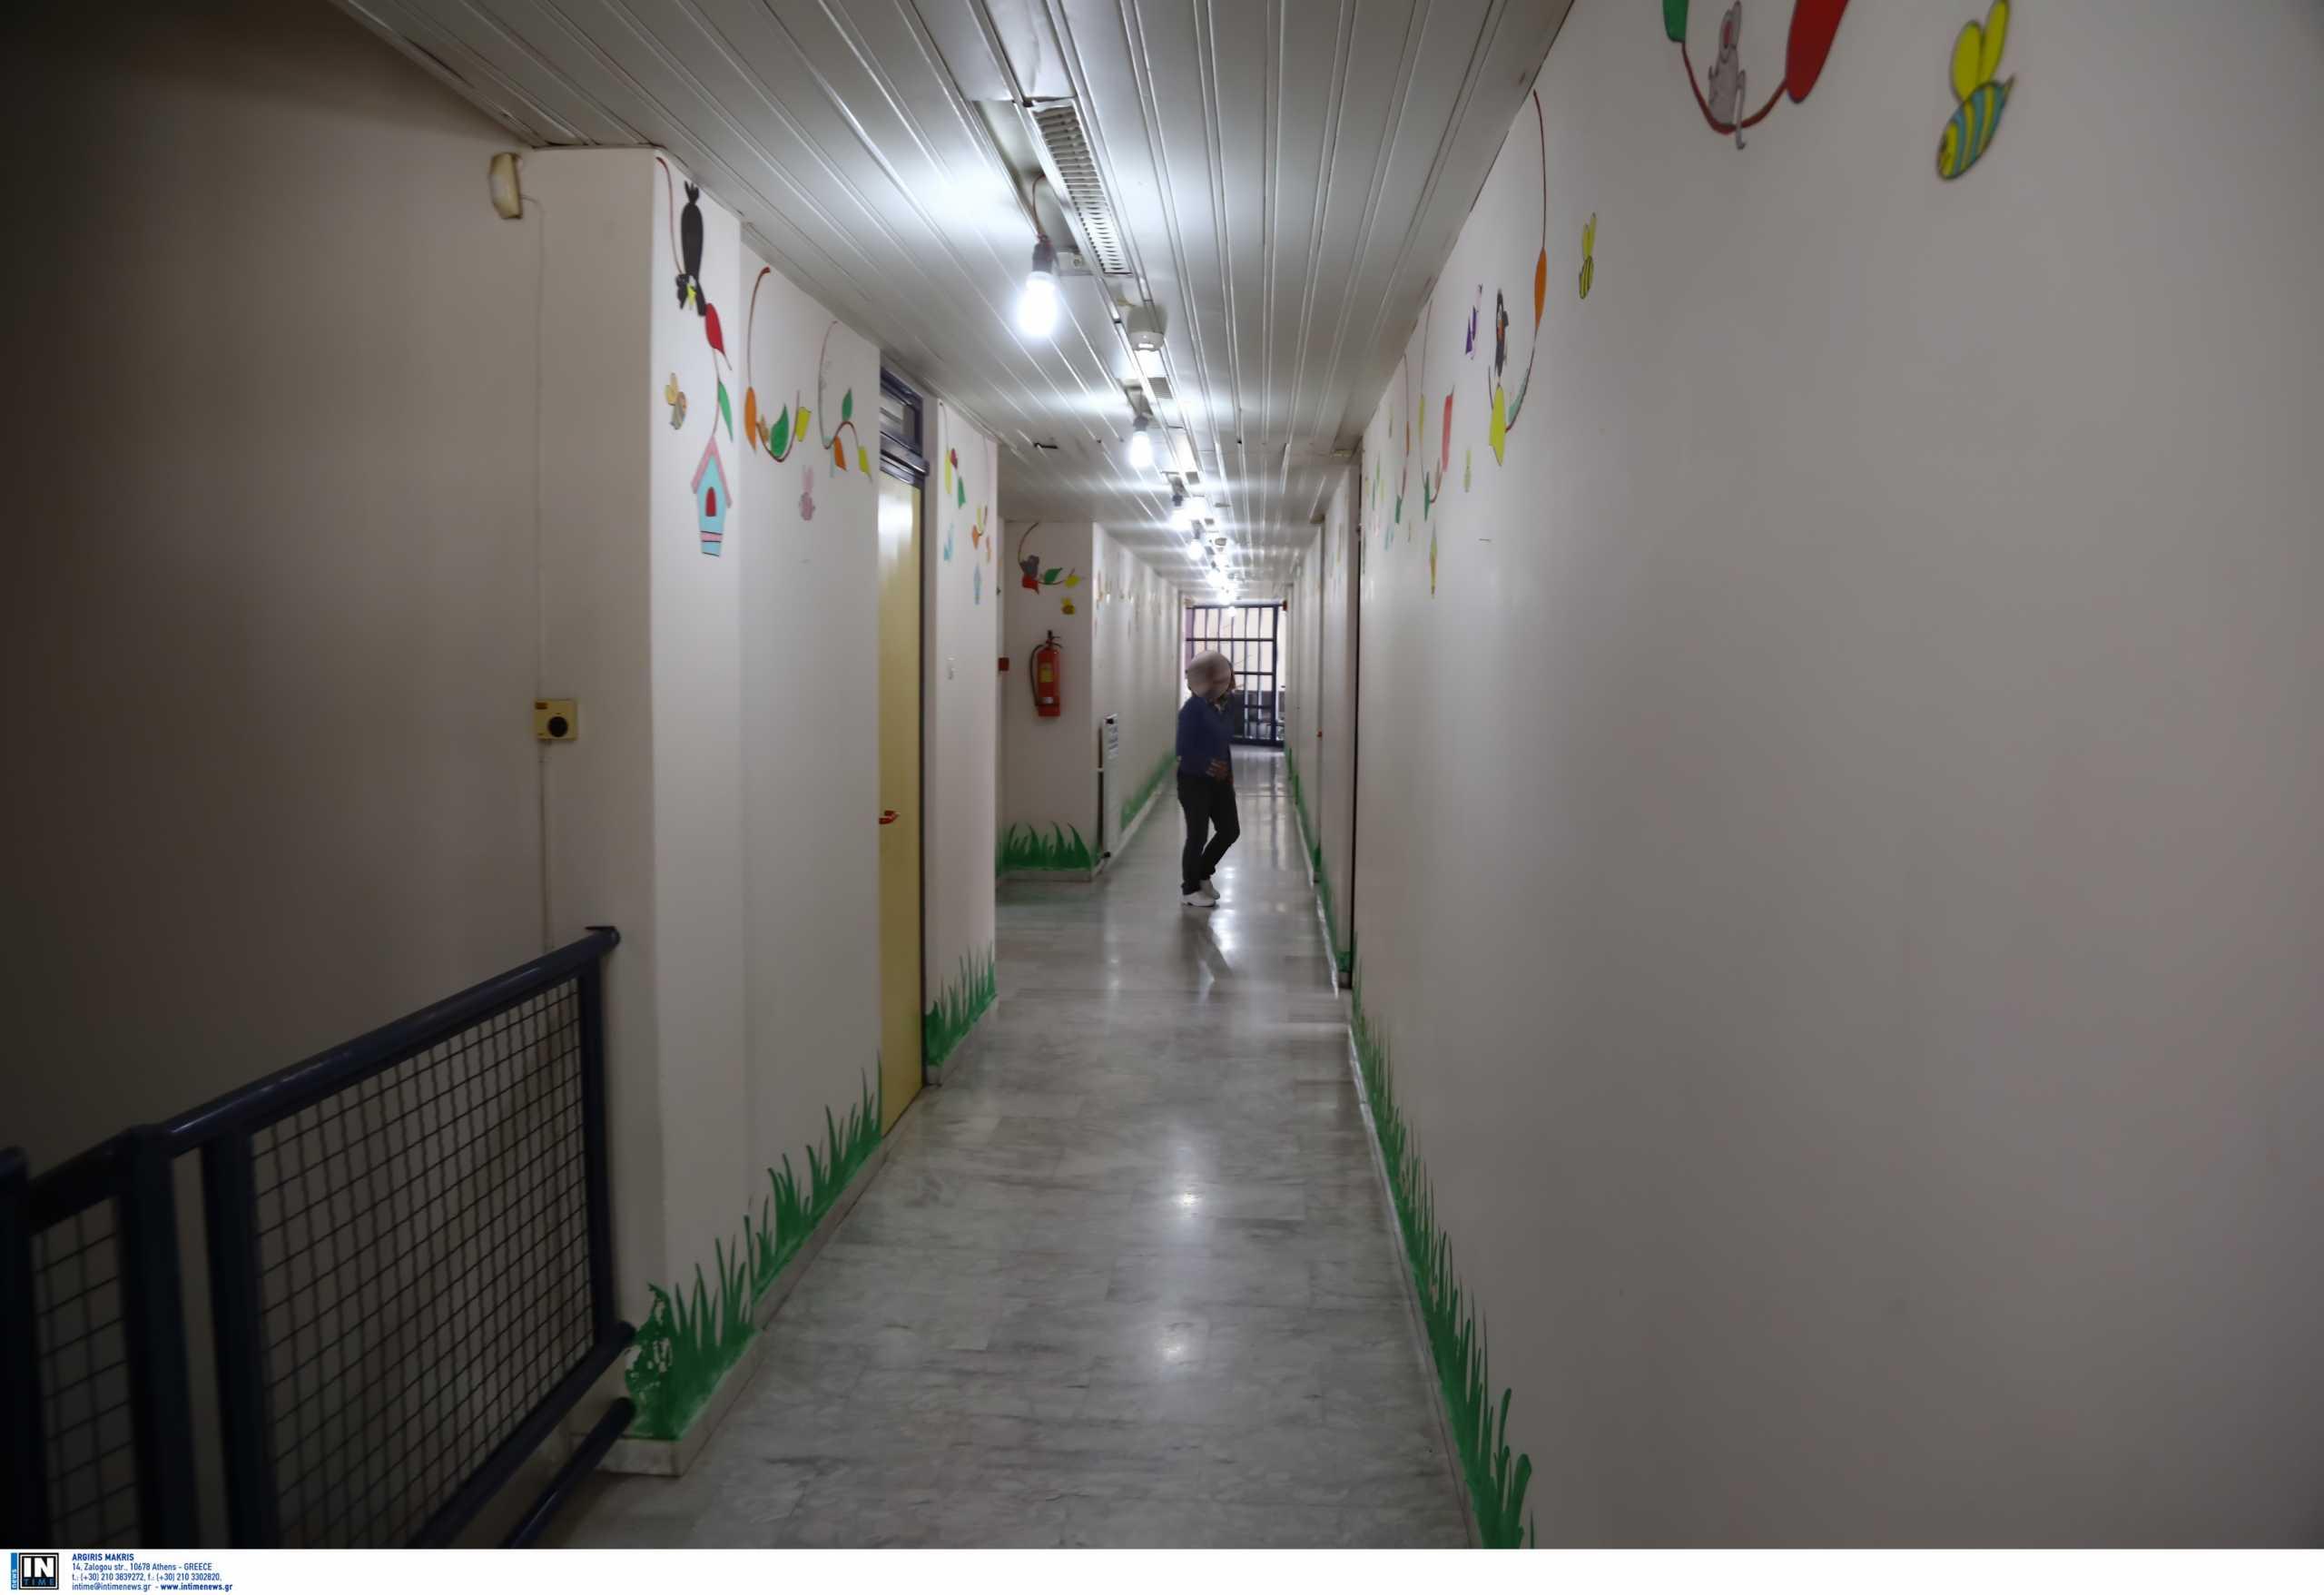 Εύοσμος – 4χρονος που ξέφυγε από νηπιαγωγείο: «Η πόρτα ήταν ανοιχτή» λέει η μητέρα του